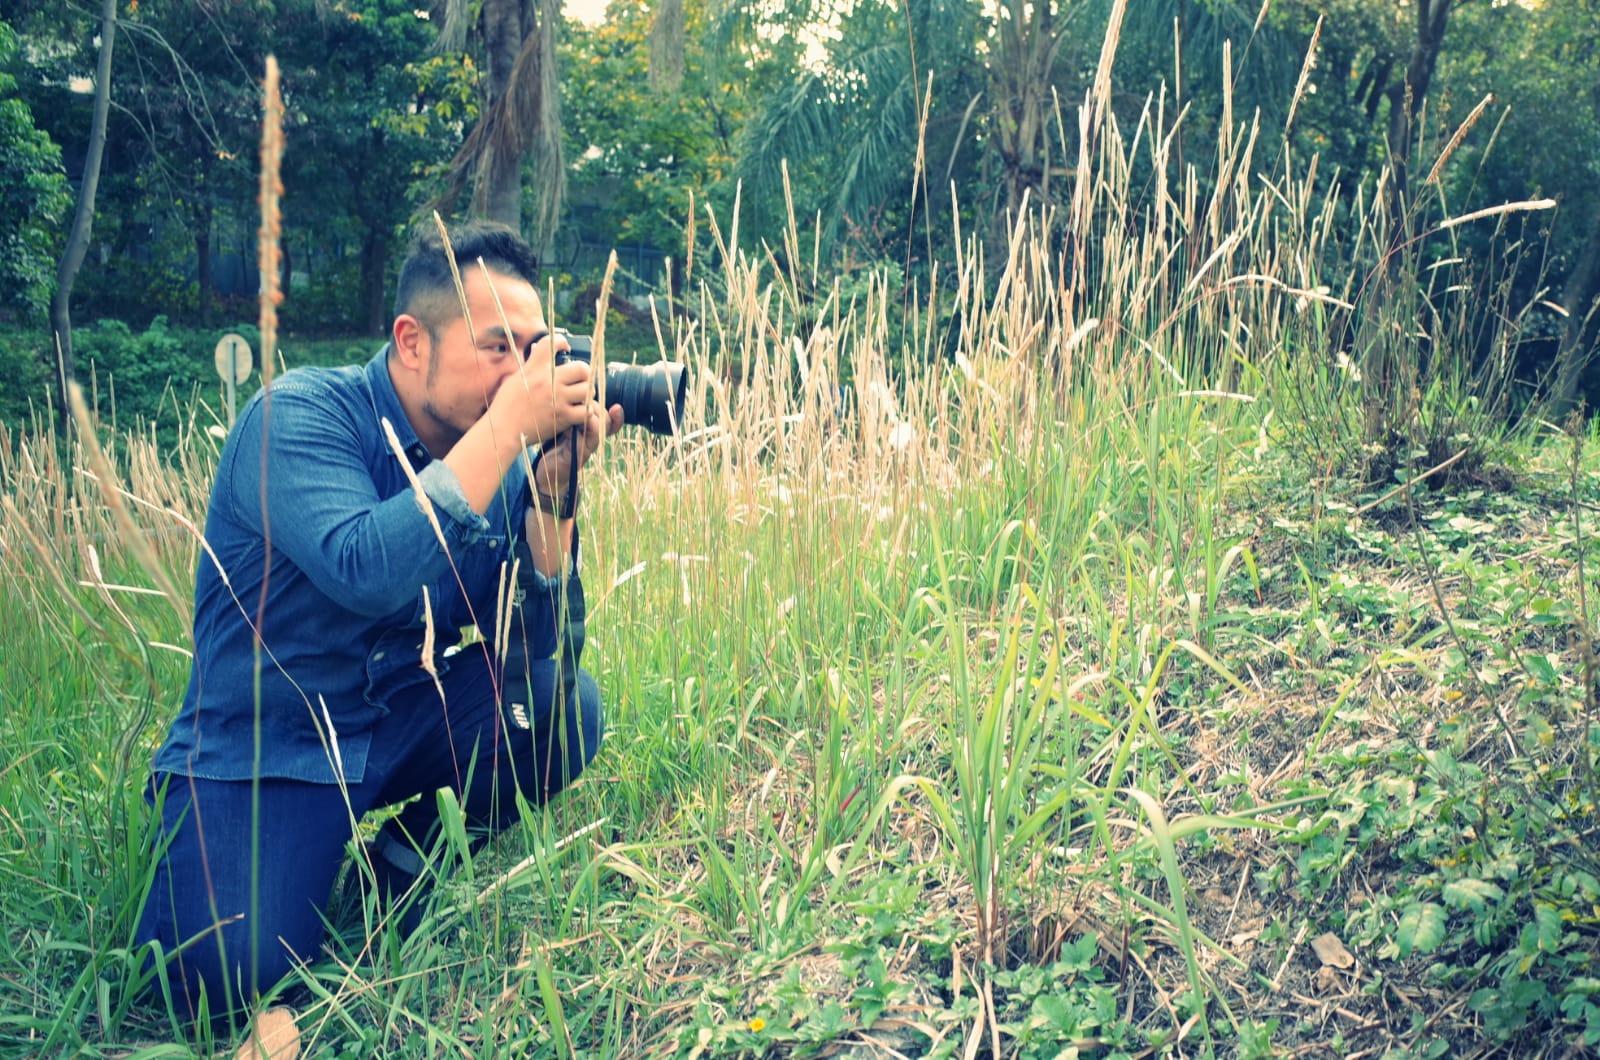 鍾穎雅_我的肥爸去到那裡也會拍照, 他在路邊看到少少的芒草, 也能拍得很漂亮呢!